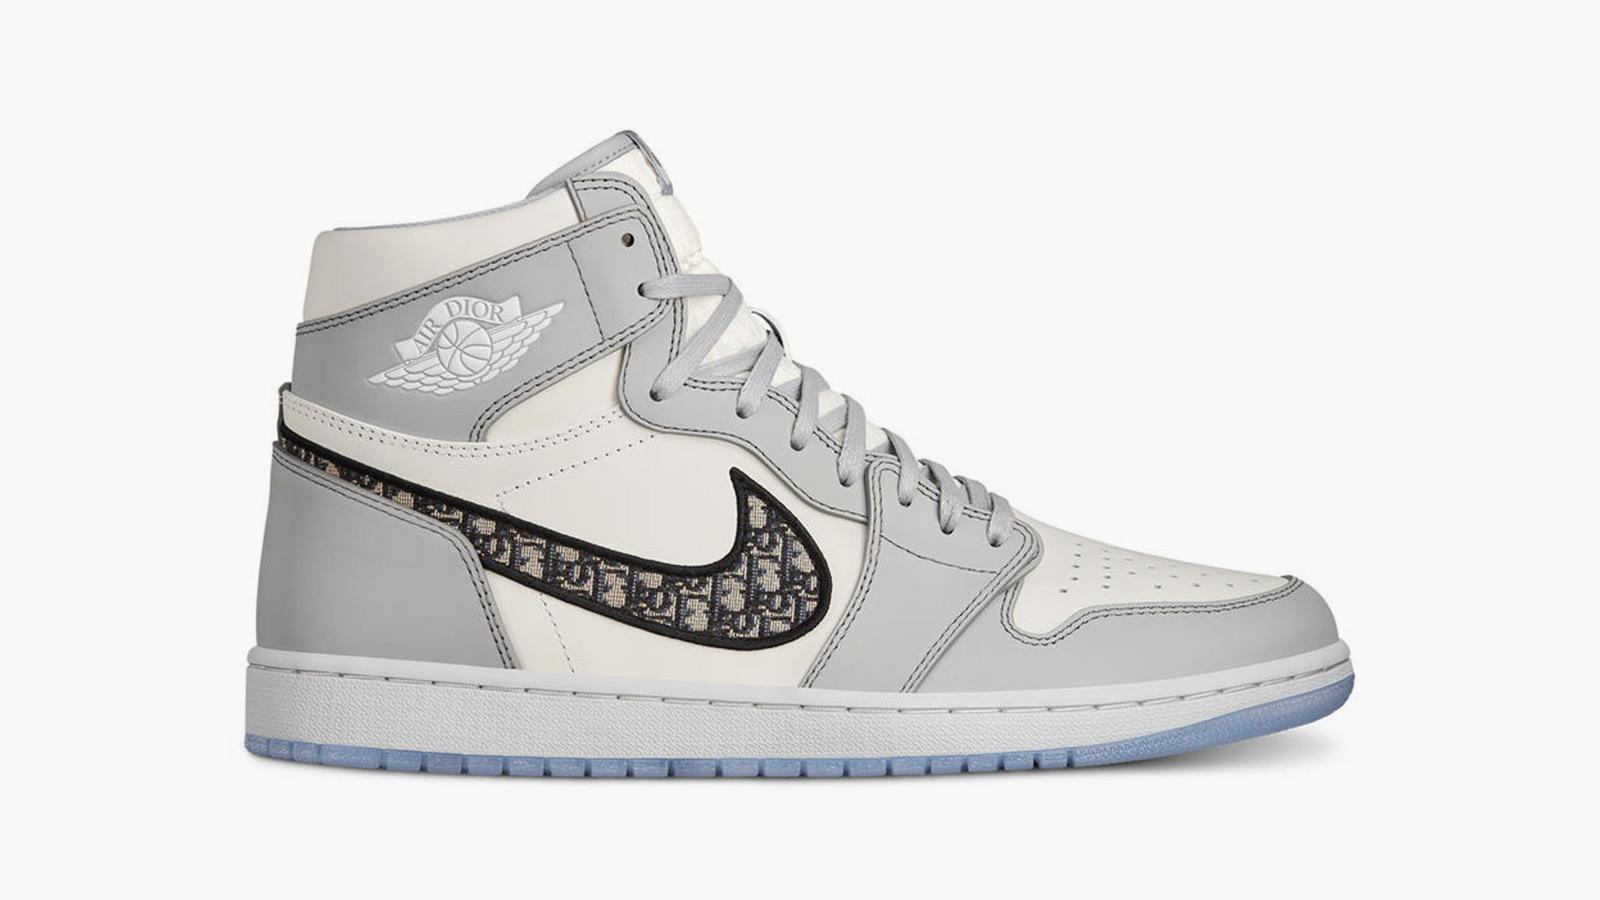 Air Jordan I High OG Dior Sneaker Limited Edition